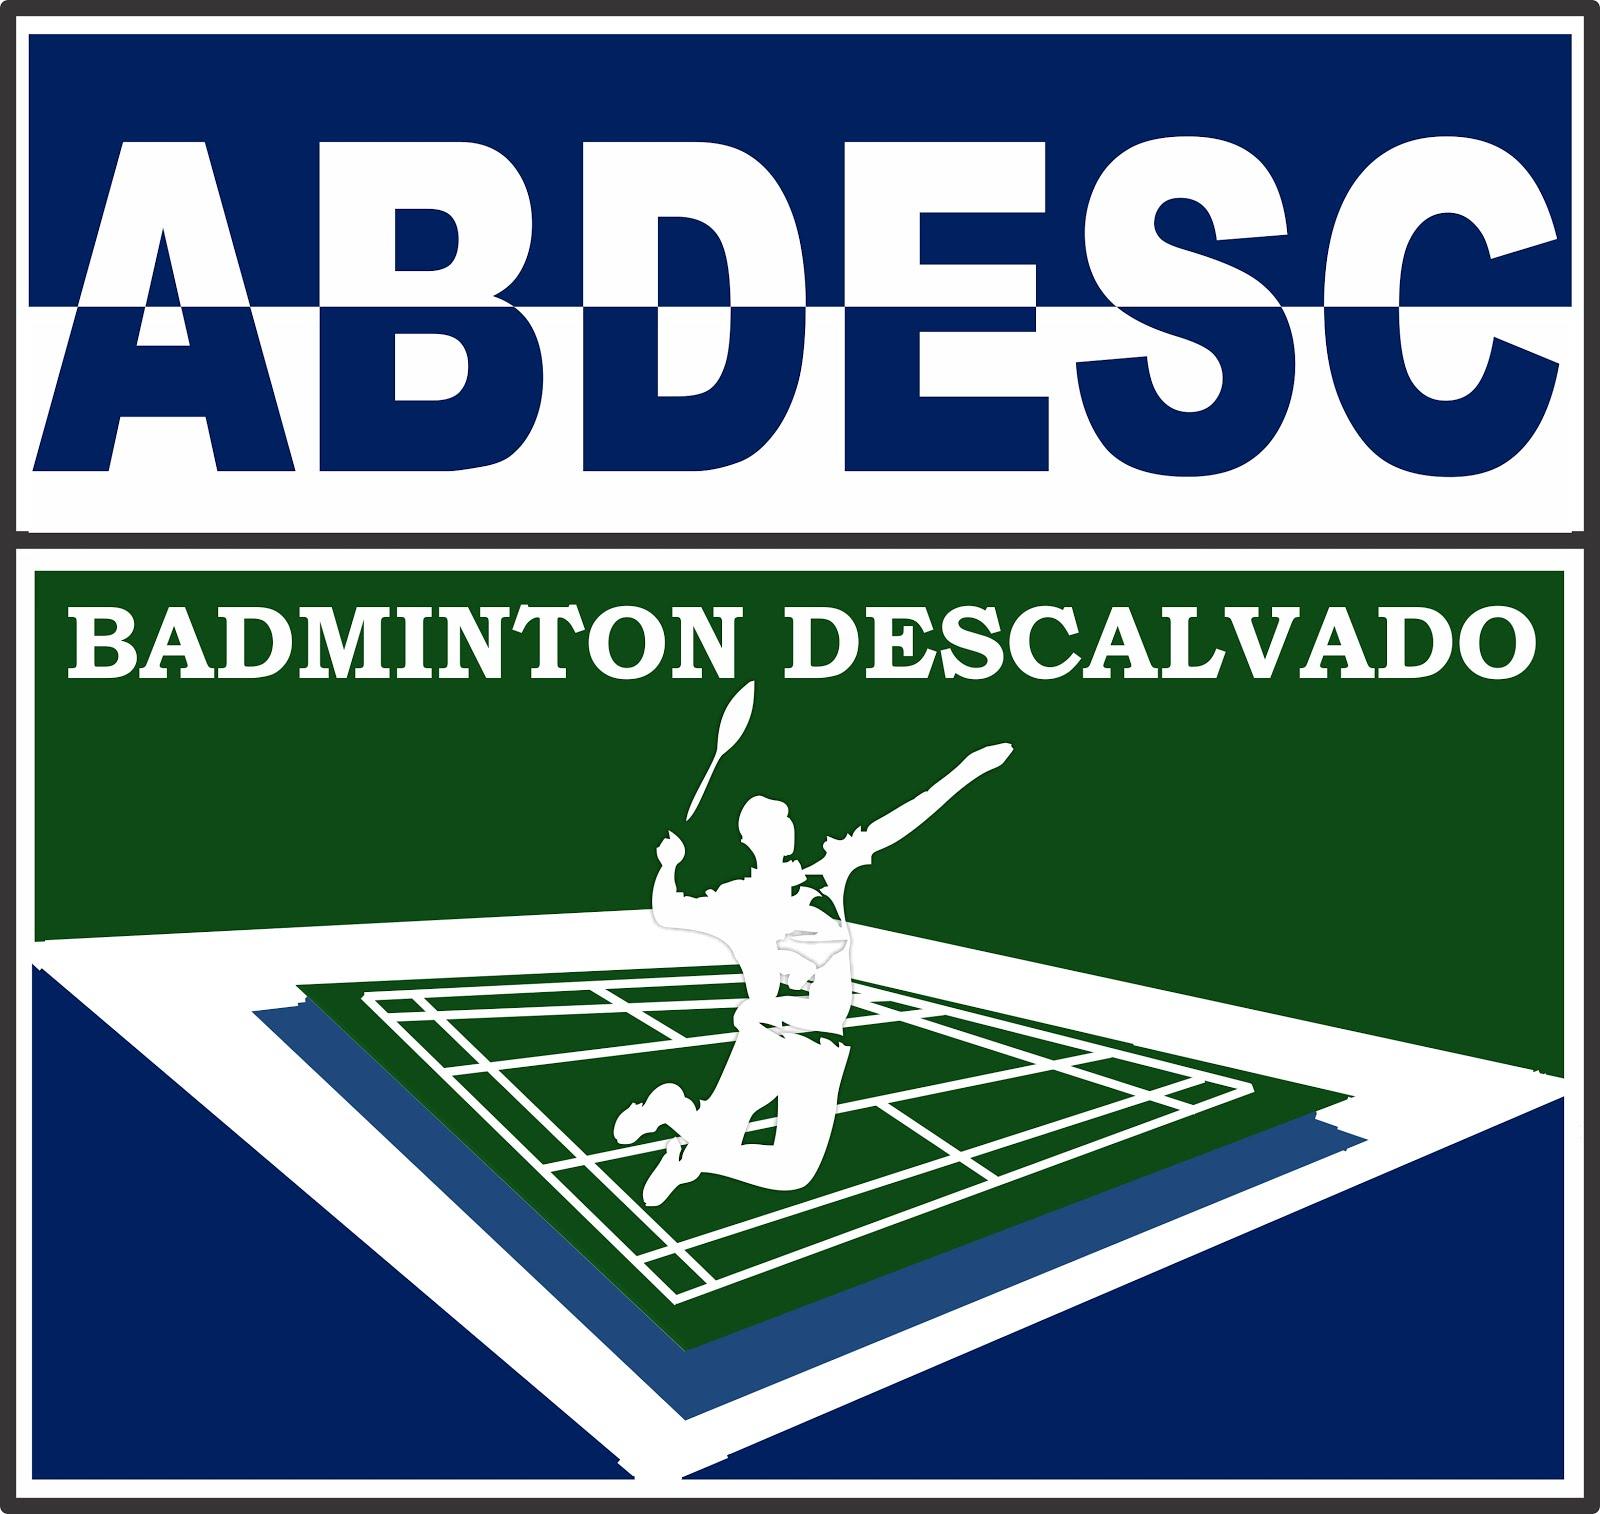 ABDESC